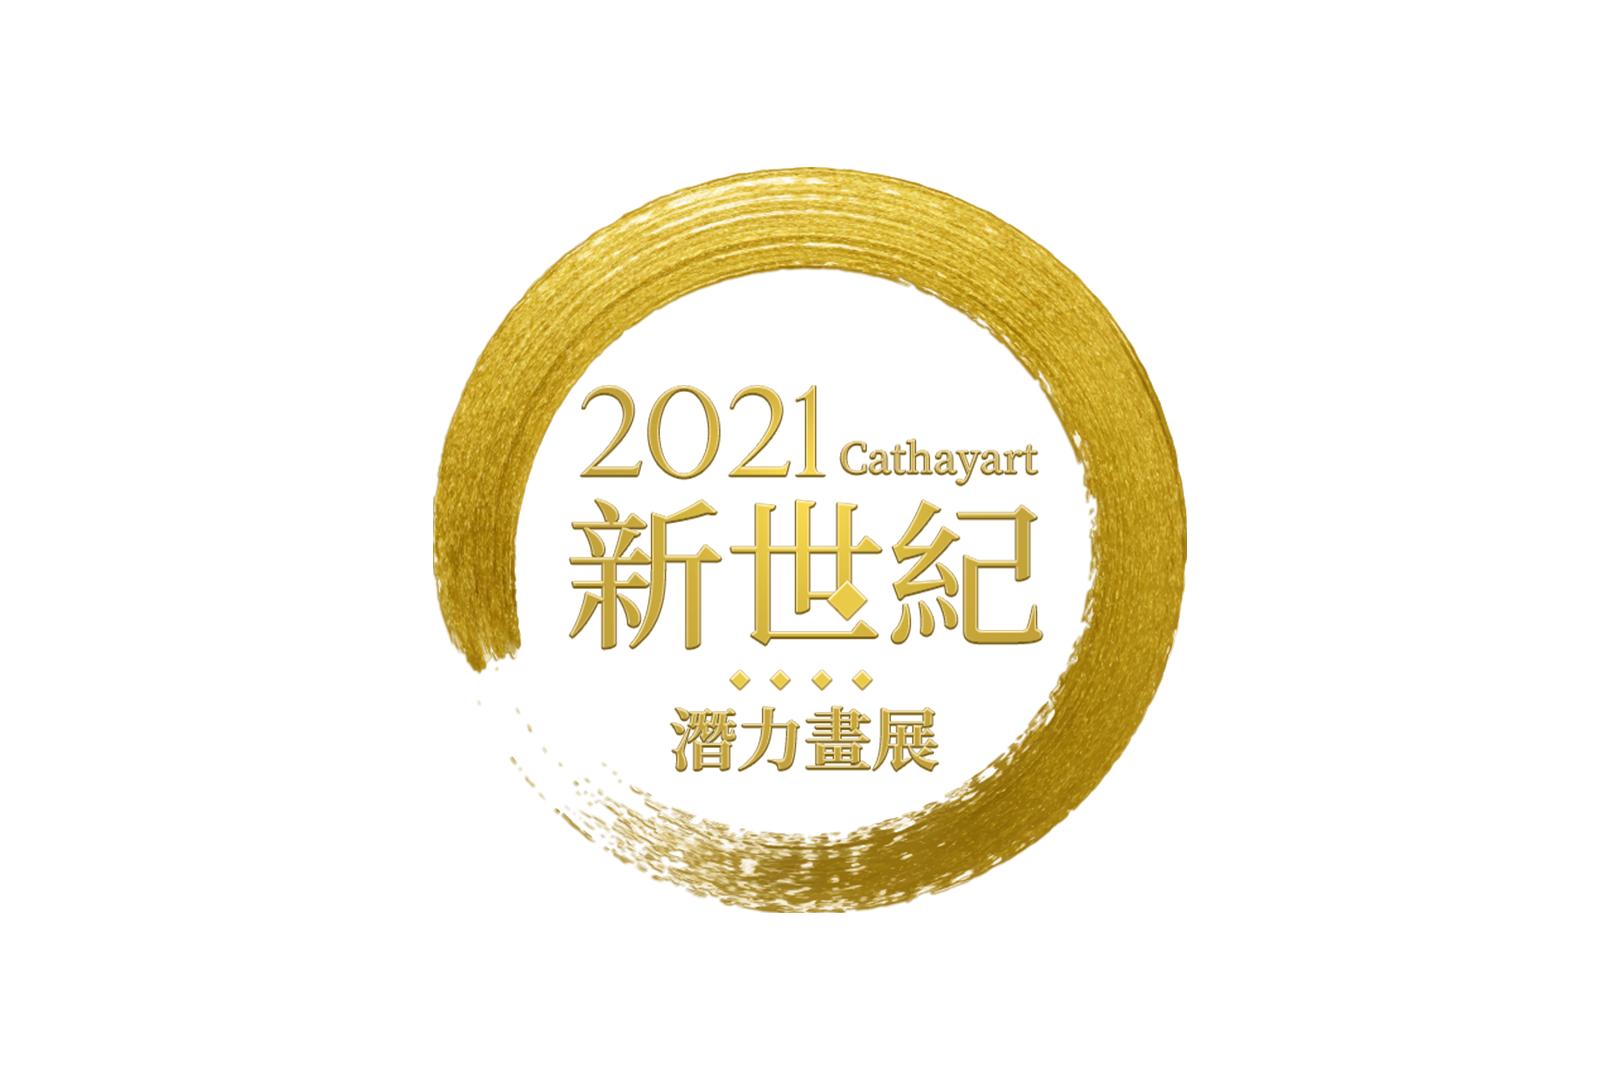 2021國泰金控新世紀潛力畫展|即日起至0521